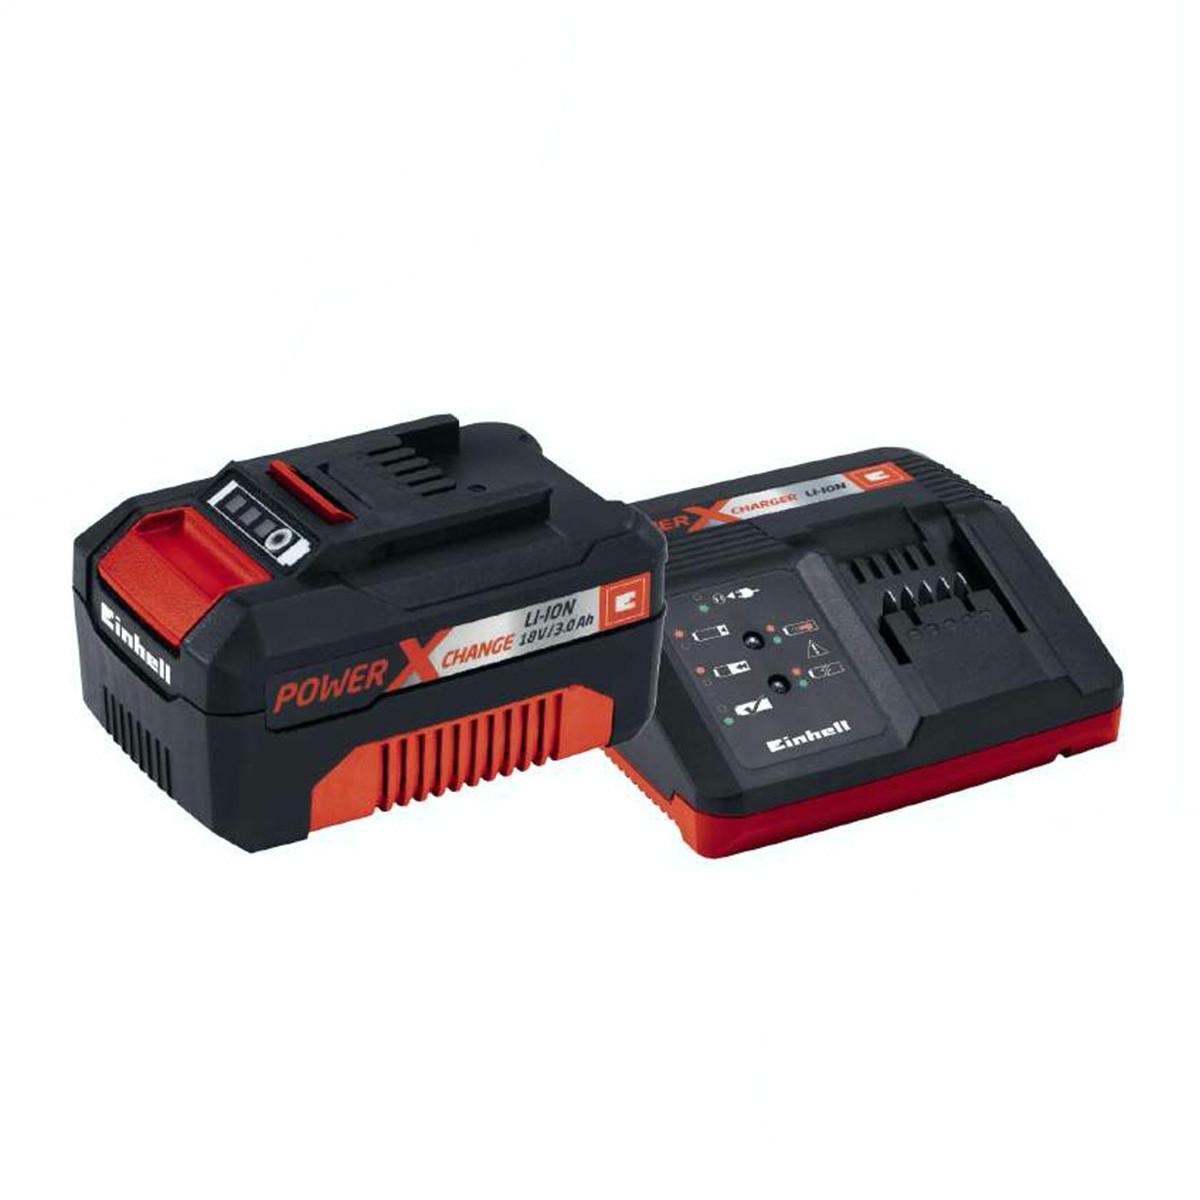 Зарядний пристрій і акумулятор Einhell 18V 3,0 Ач Starter Kit Power-X-Change (4512041)